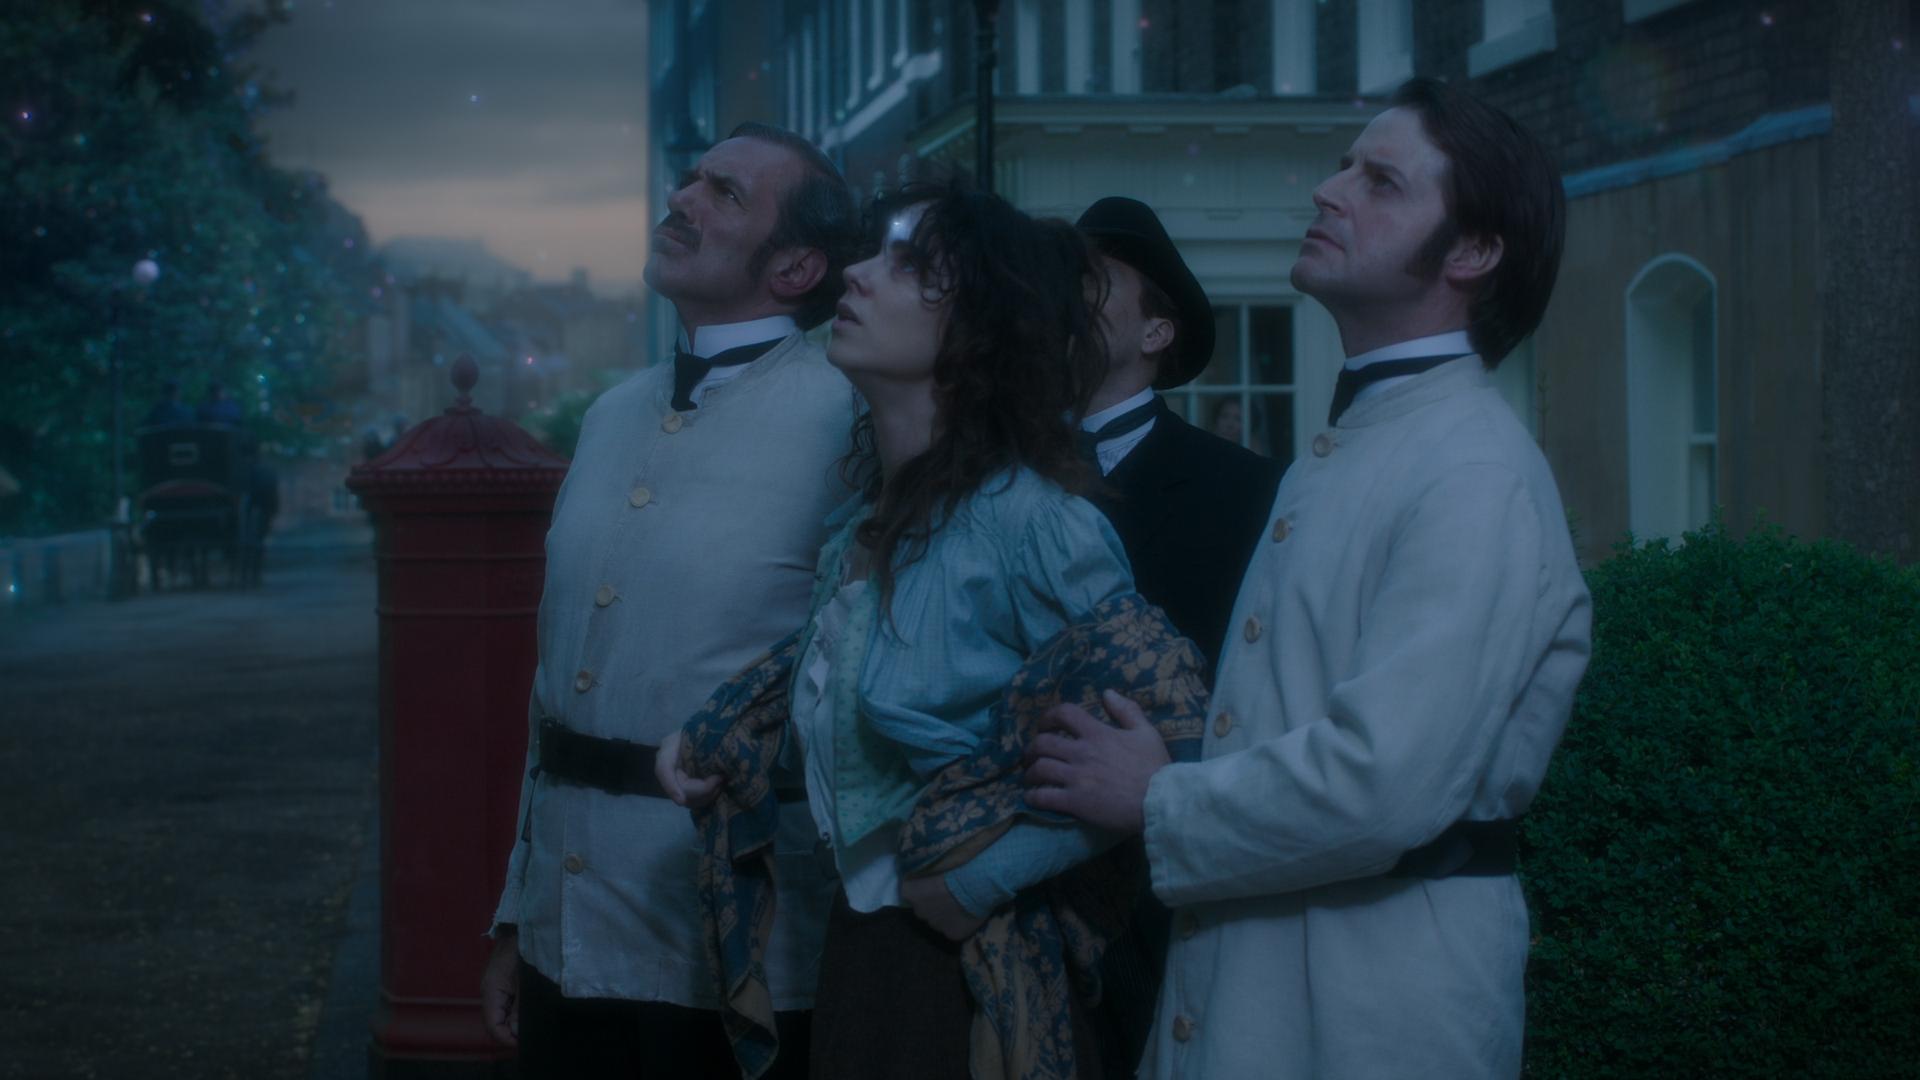 «Невероятные» (The Nevers) Джосса Уидона: первый трейлер 5